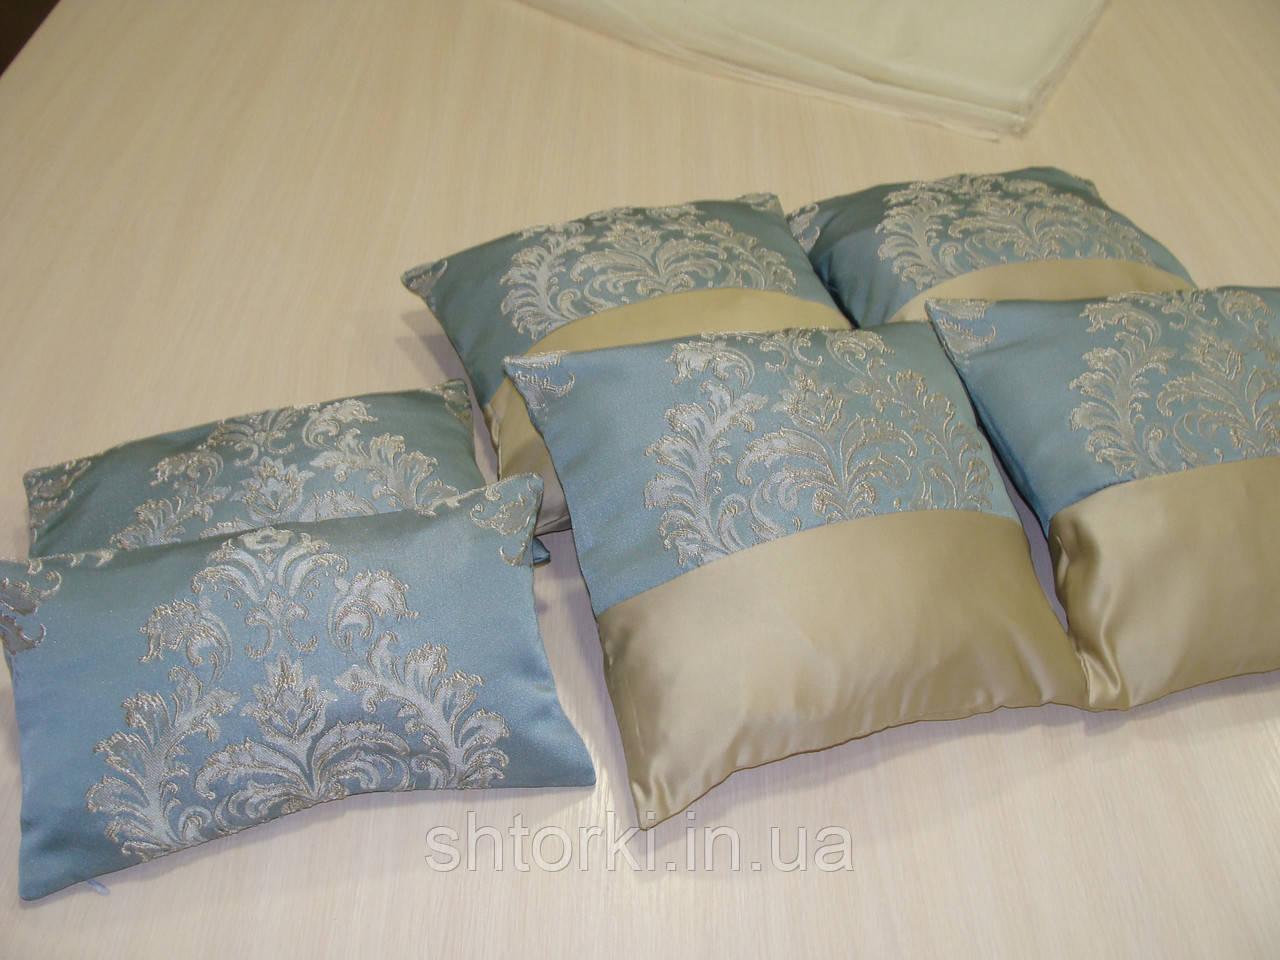 Комплект подушек  голубые с песочным, 6 шт